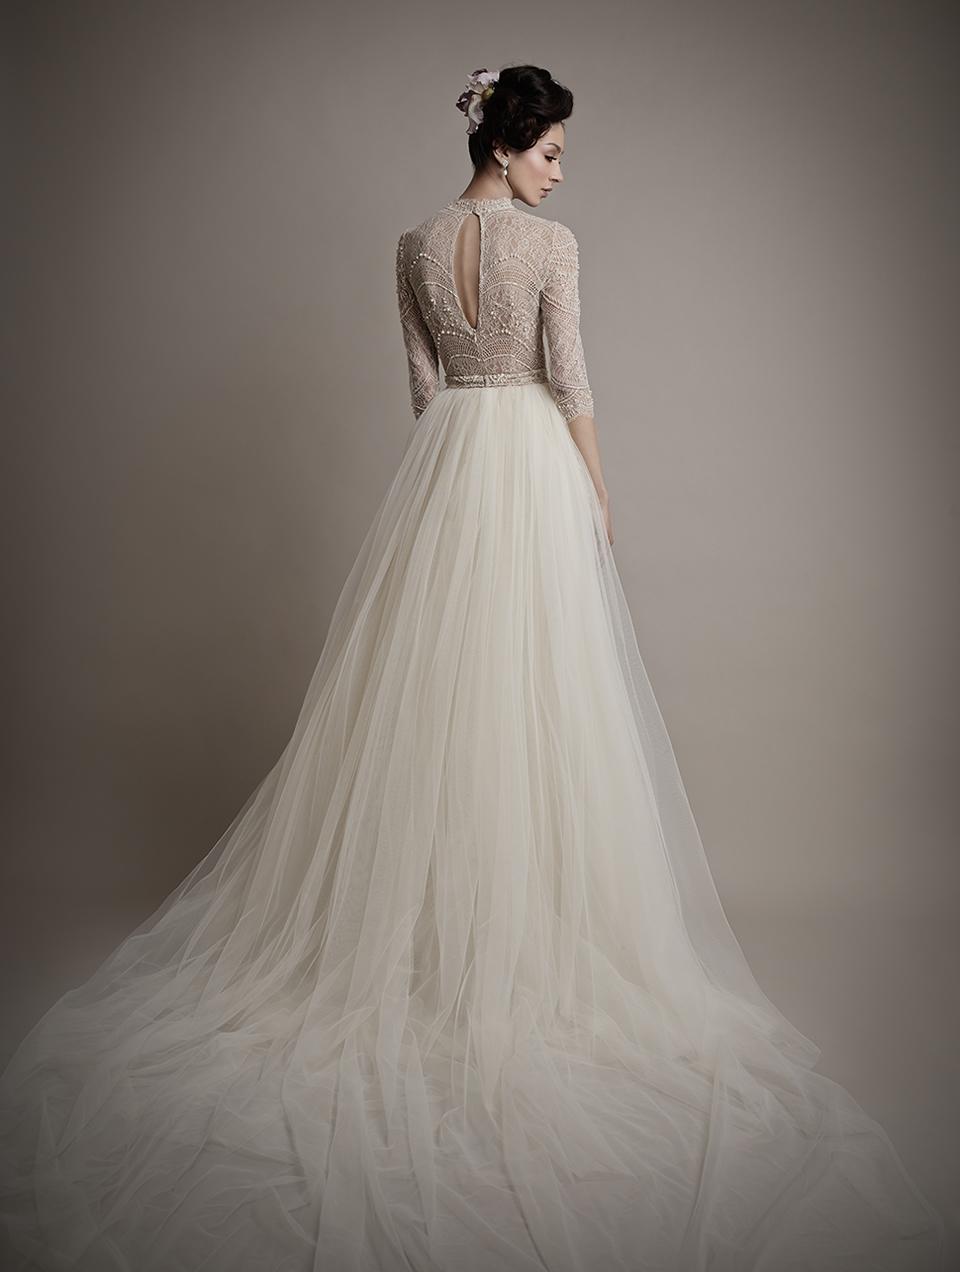 Коллекция свадебных платьев 2015 года от Ersa Atelier18-1